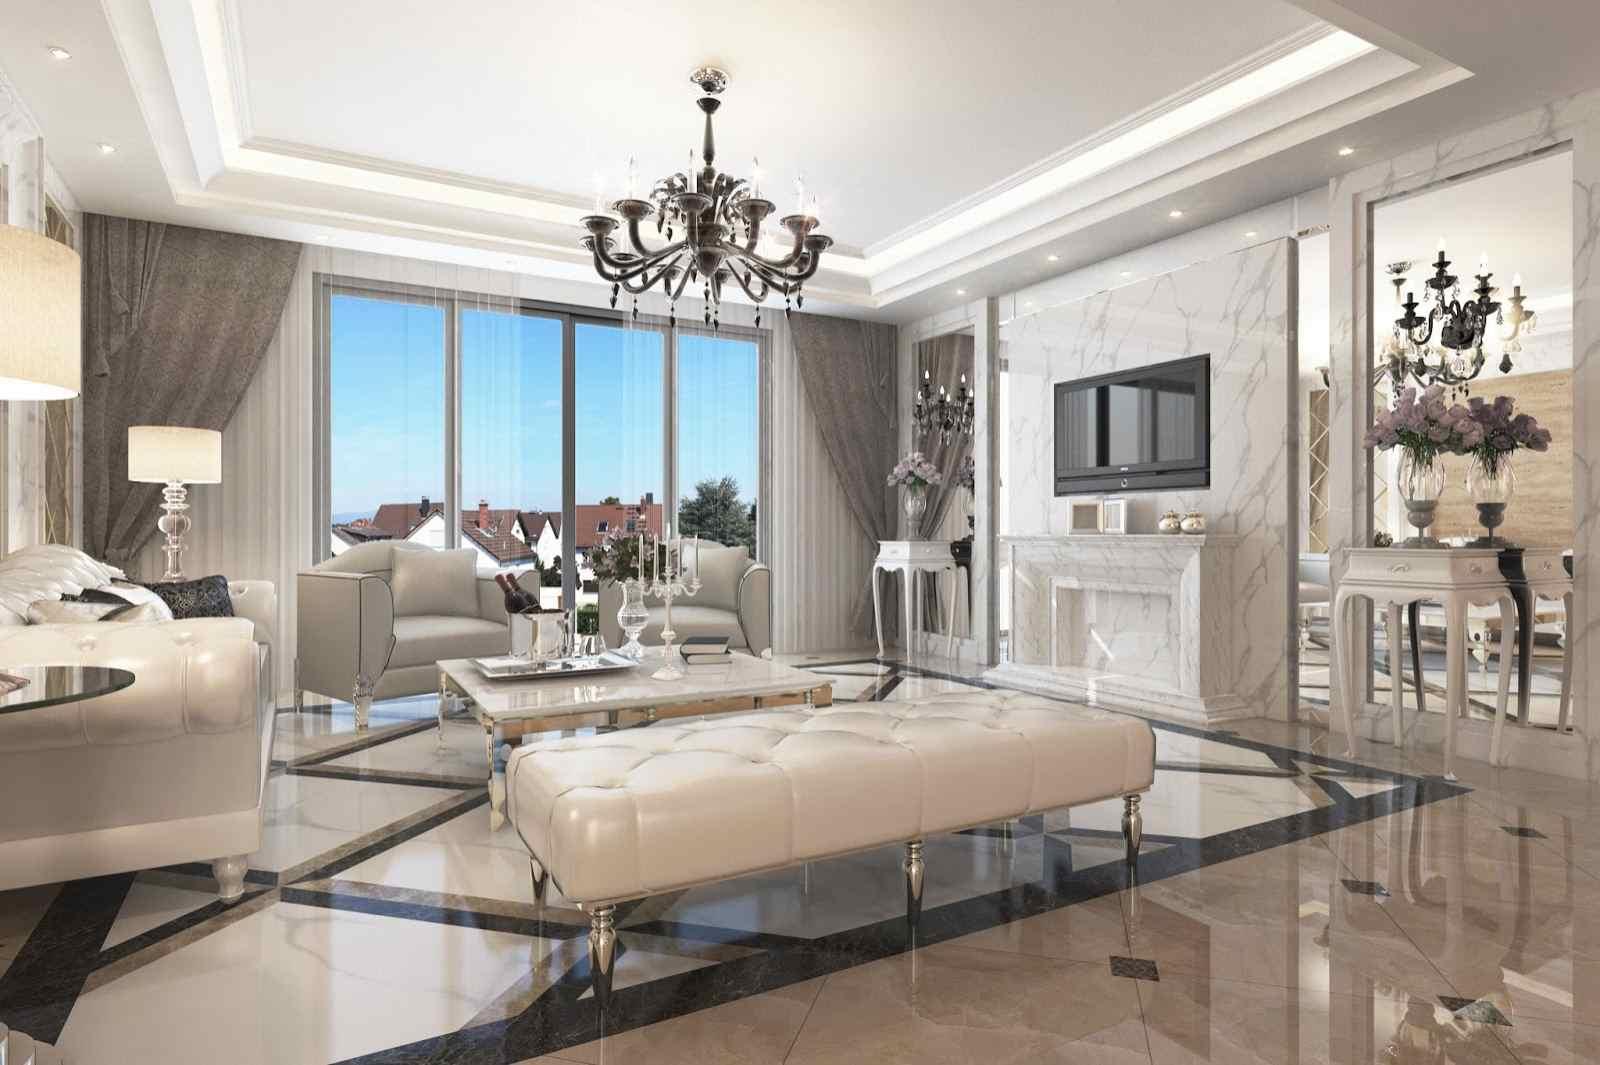 Phòng khách biệt thự cao cấp với thiết kế sang trọng đầy đủ tiện nghi